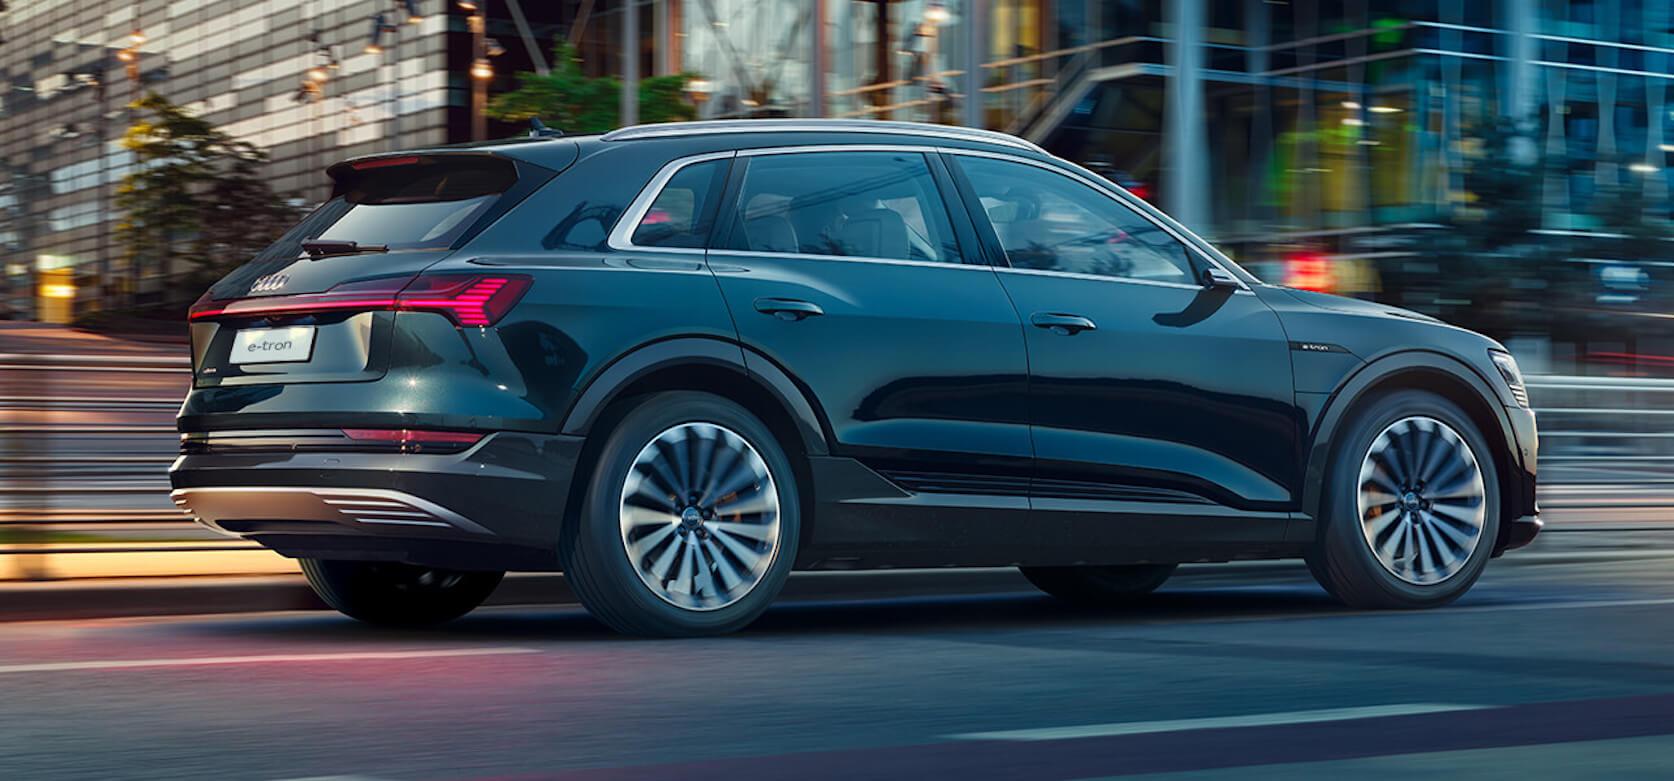 Назван самый безопасный электромобиль. Как тебе такое, Илон Маск?